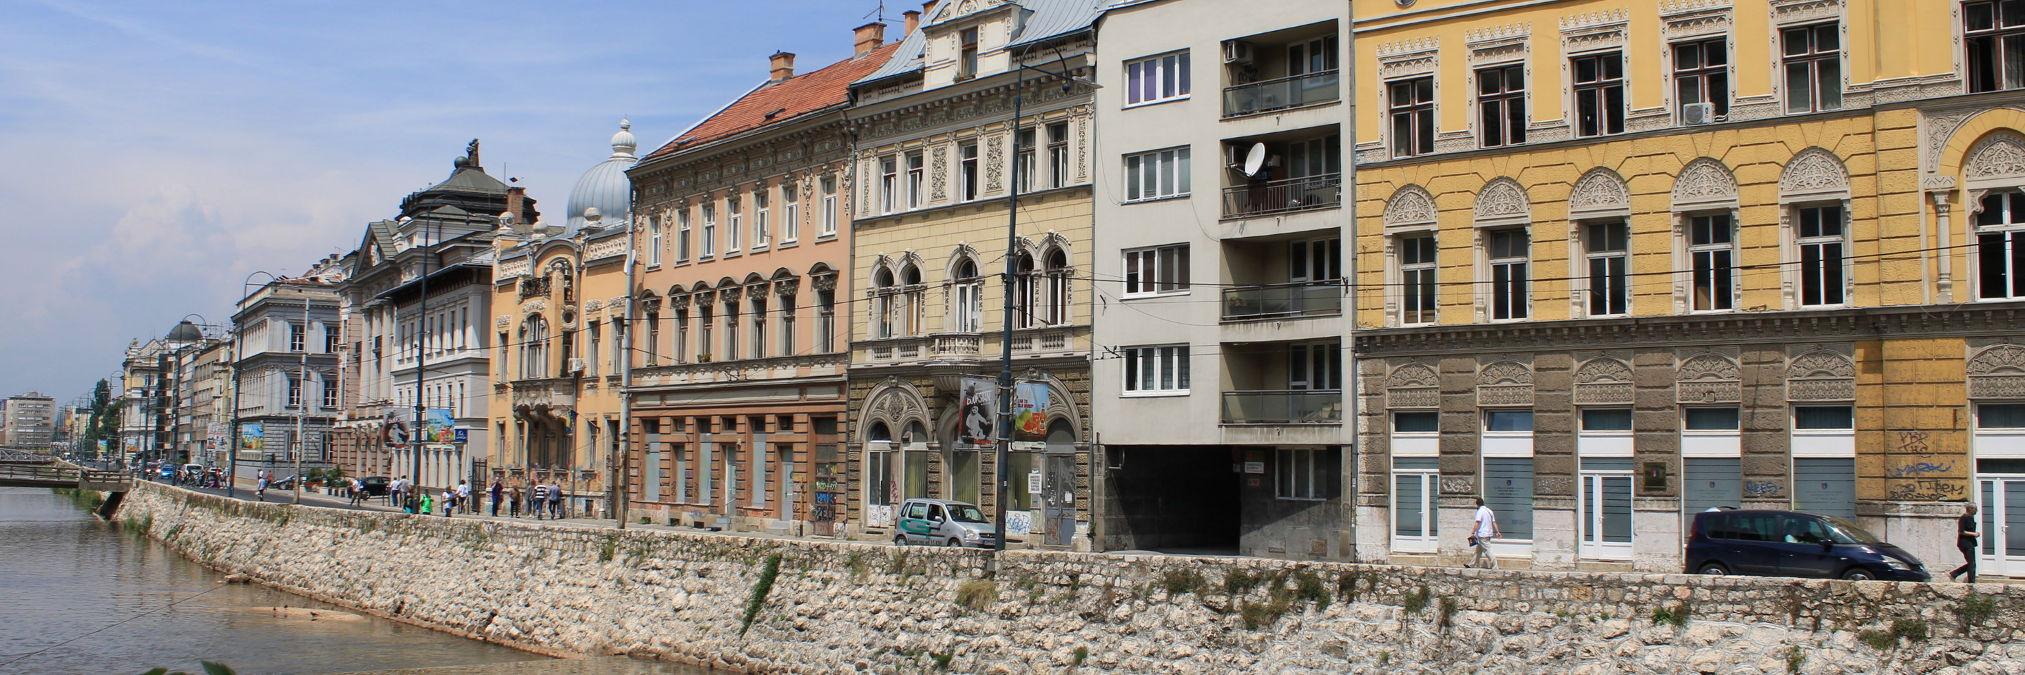 Архитектура Сараева австро-венгерского периода. Фото: Елена Арсениевич, CC BY-SA 3.0